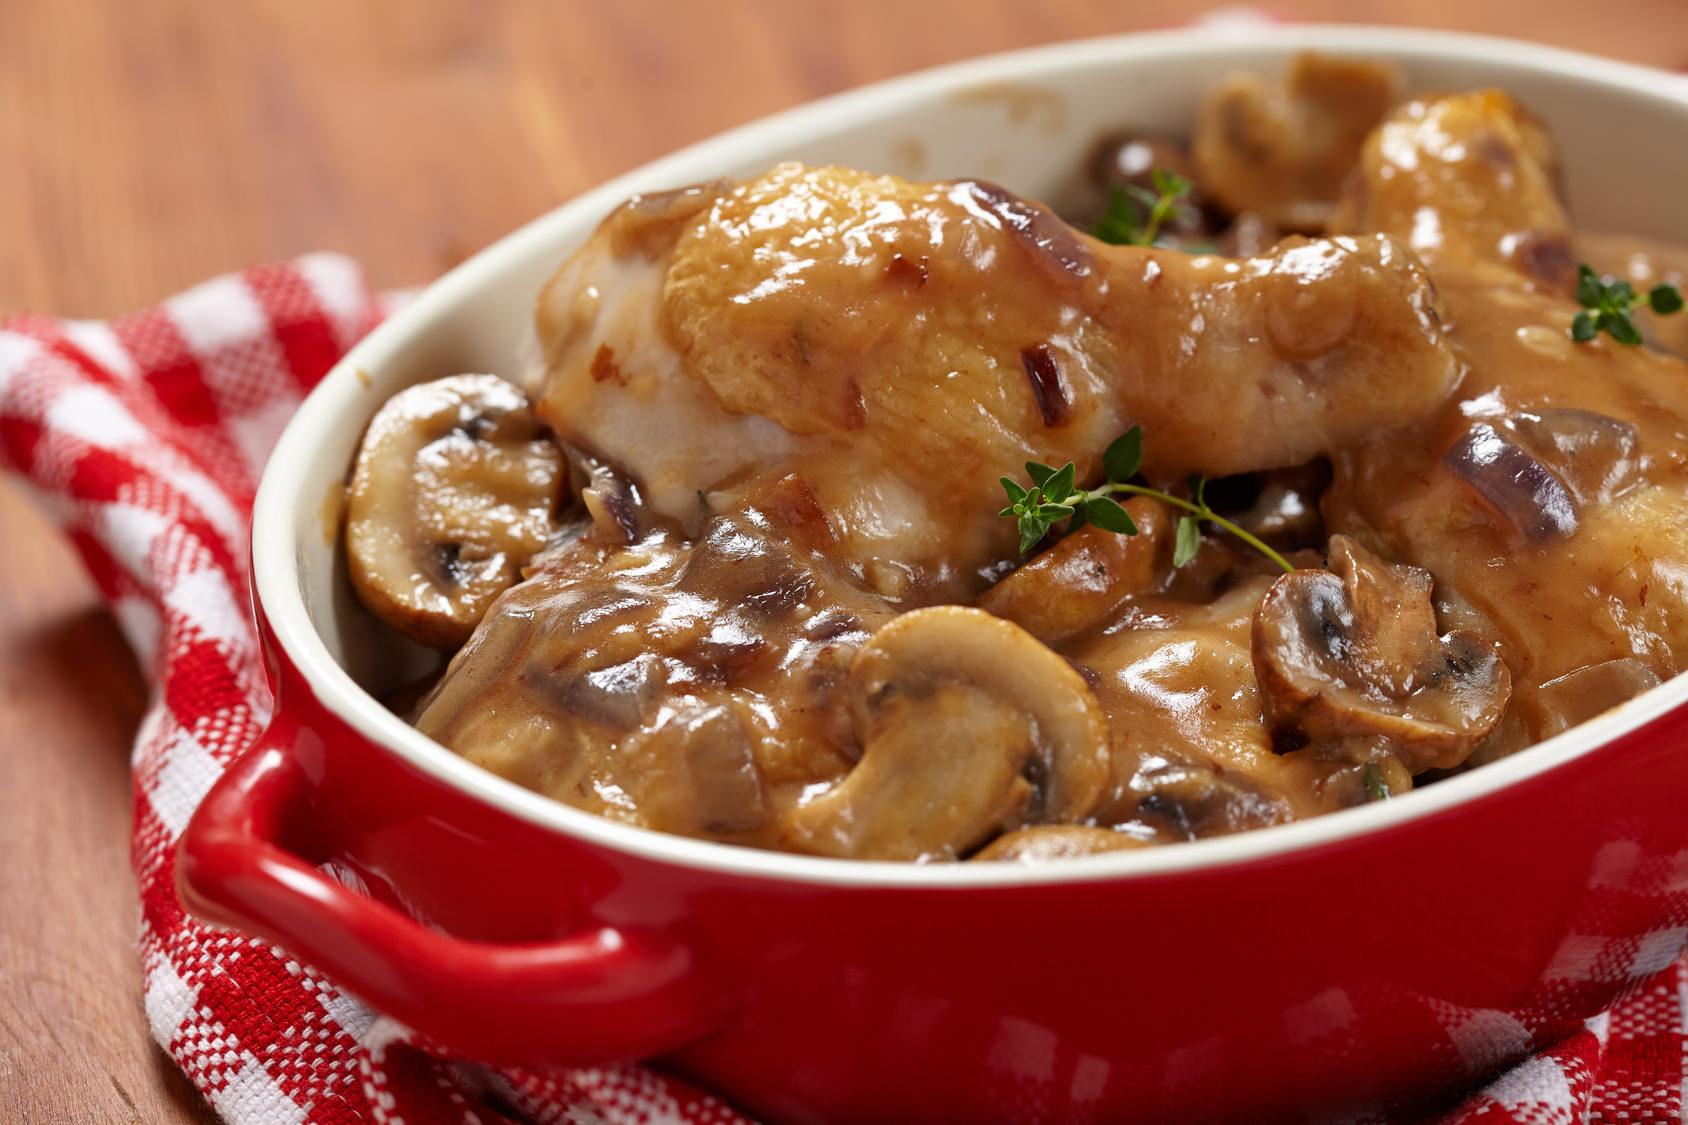 Poulet Chasseur un bon plat mijot dans une sauce brune tomate aux saveur de cerfeuil et d